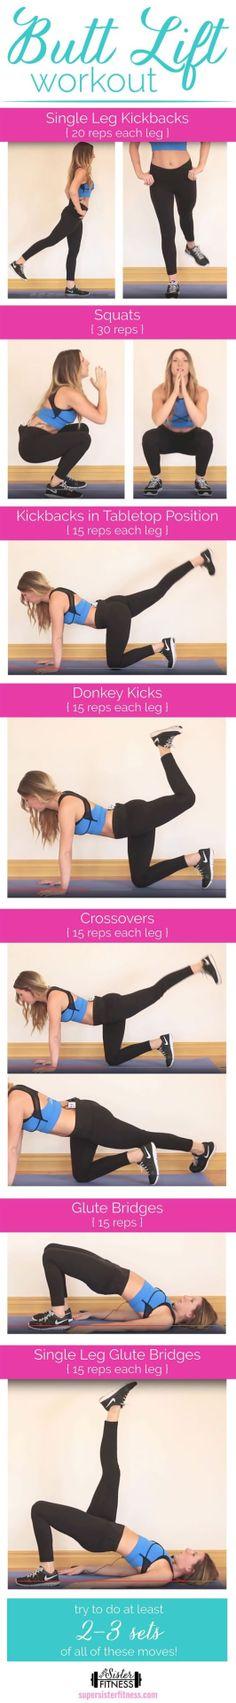 ROBOLIKES — fitnessforevertips: Full Body Workouts!